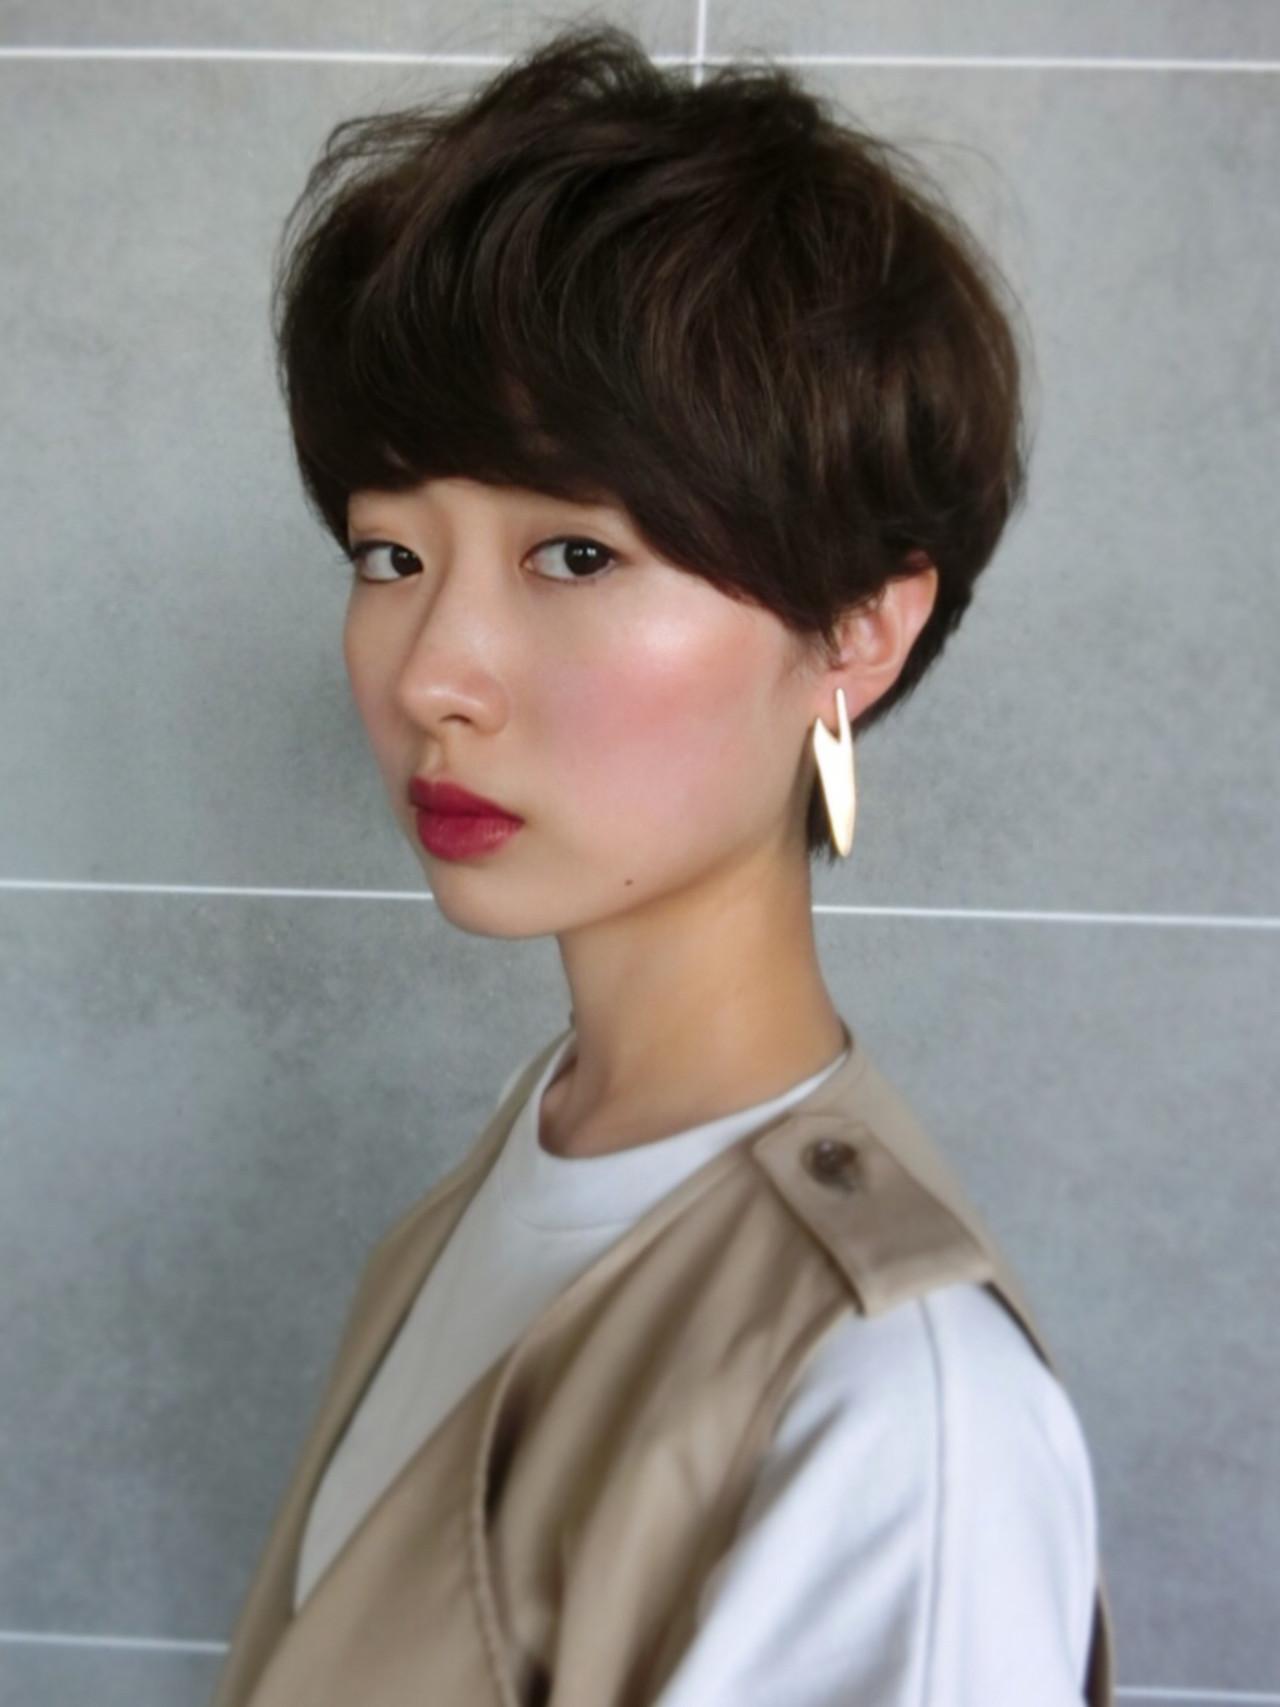 マッシュタイプのコロンとかわいいショートヘア 尾花 佑輔